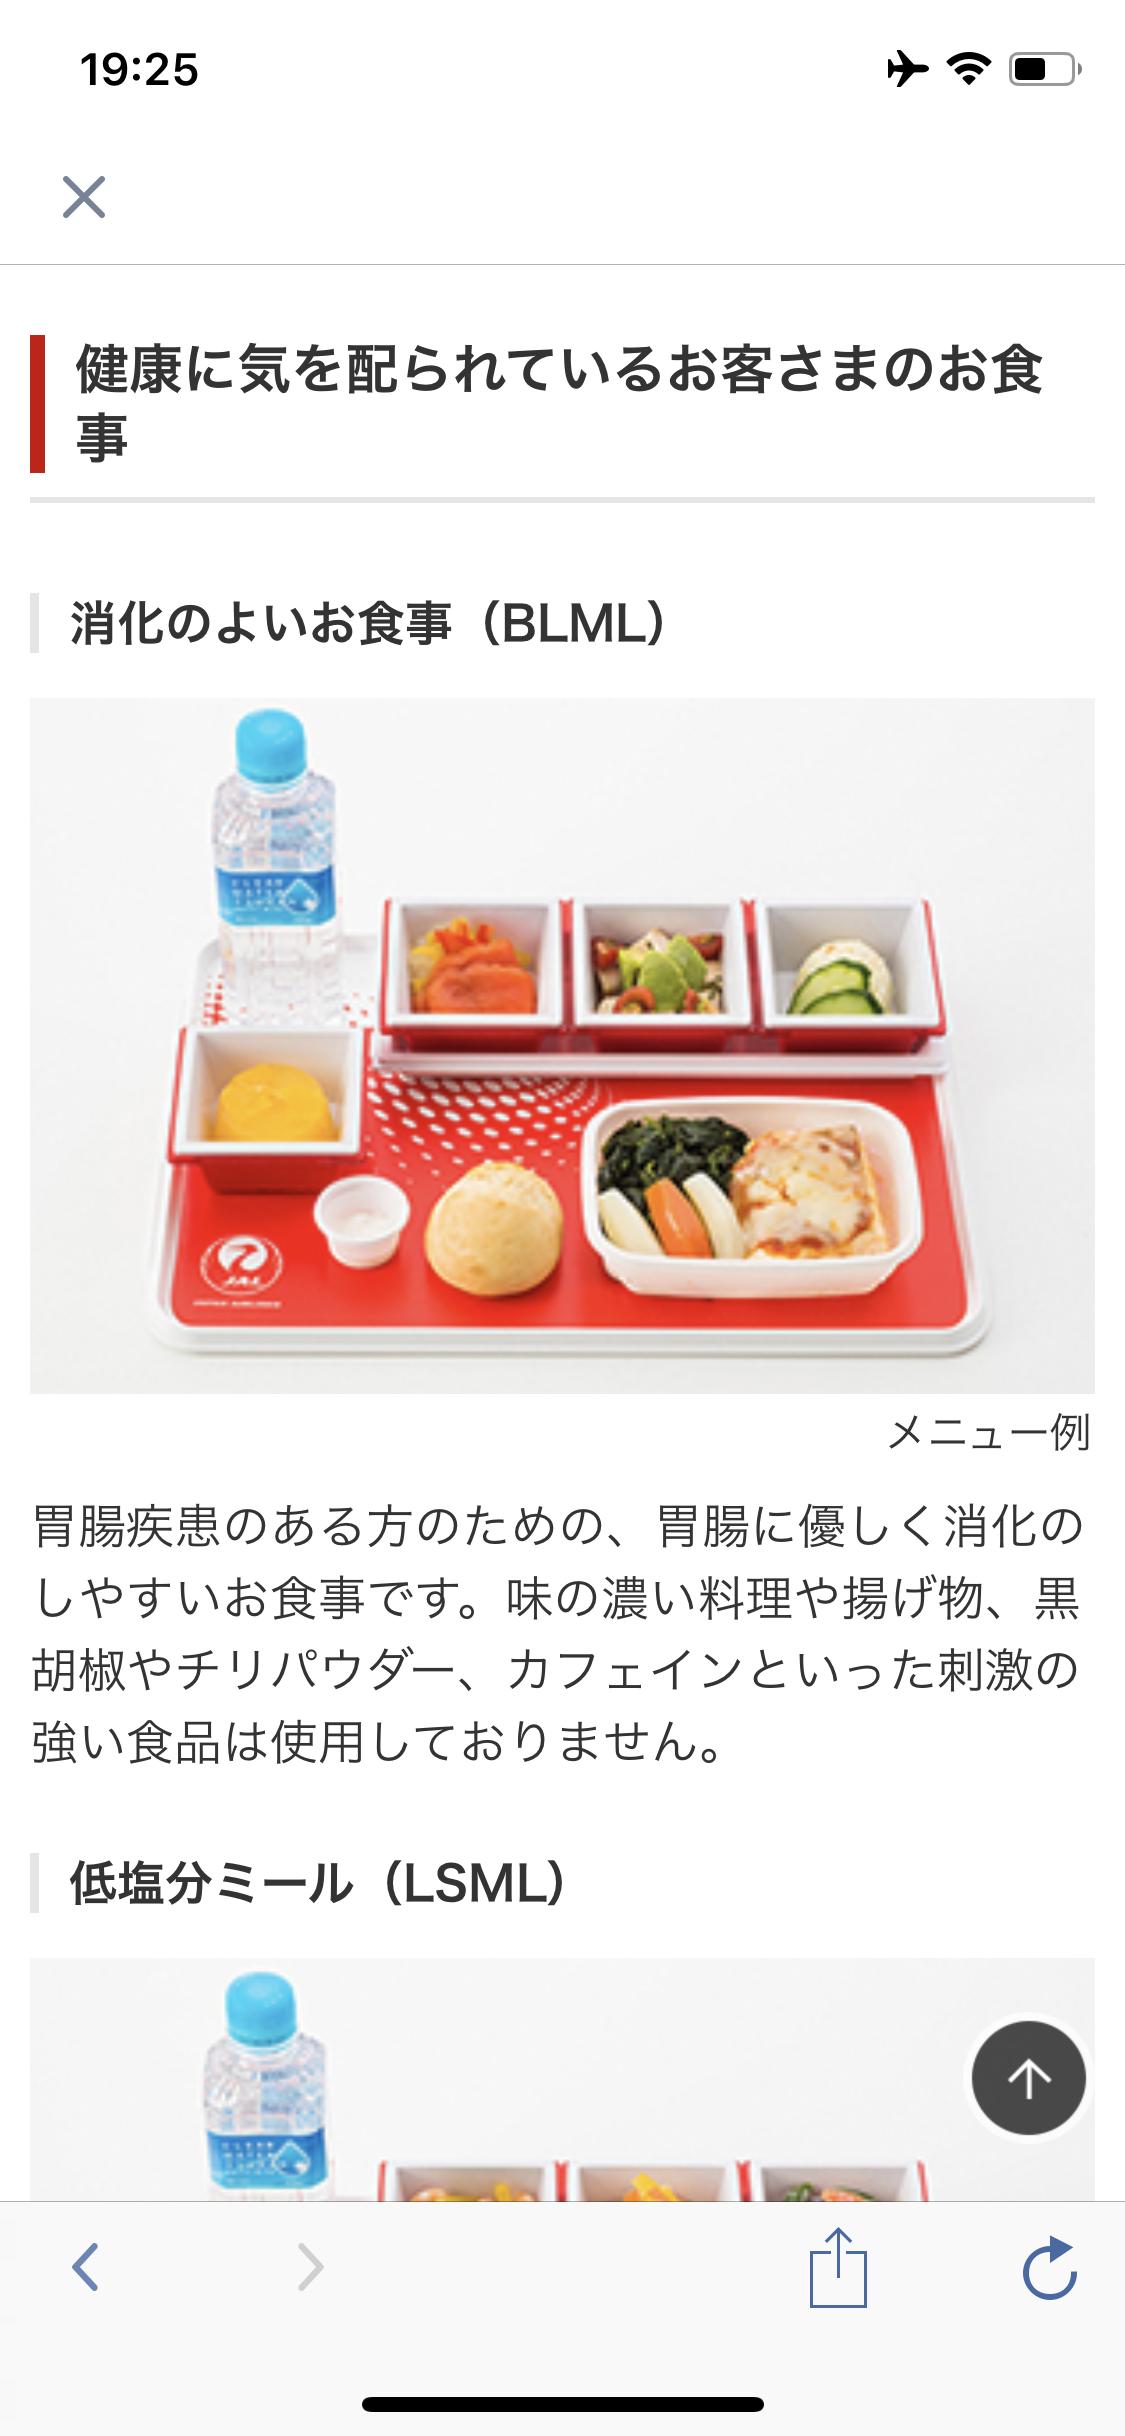 【JL724便搭乗記】クアラルンプール→成田【JALの機内食「消化の良いお食事(BLML)」を注文してみました!】